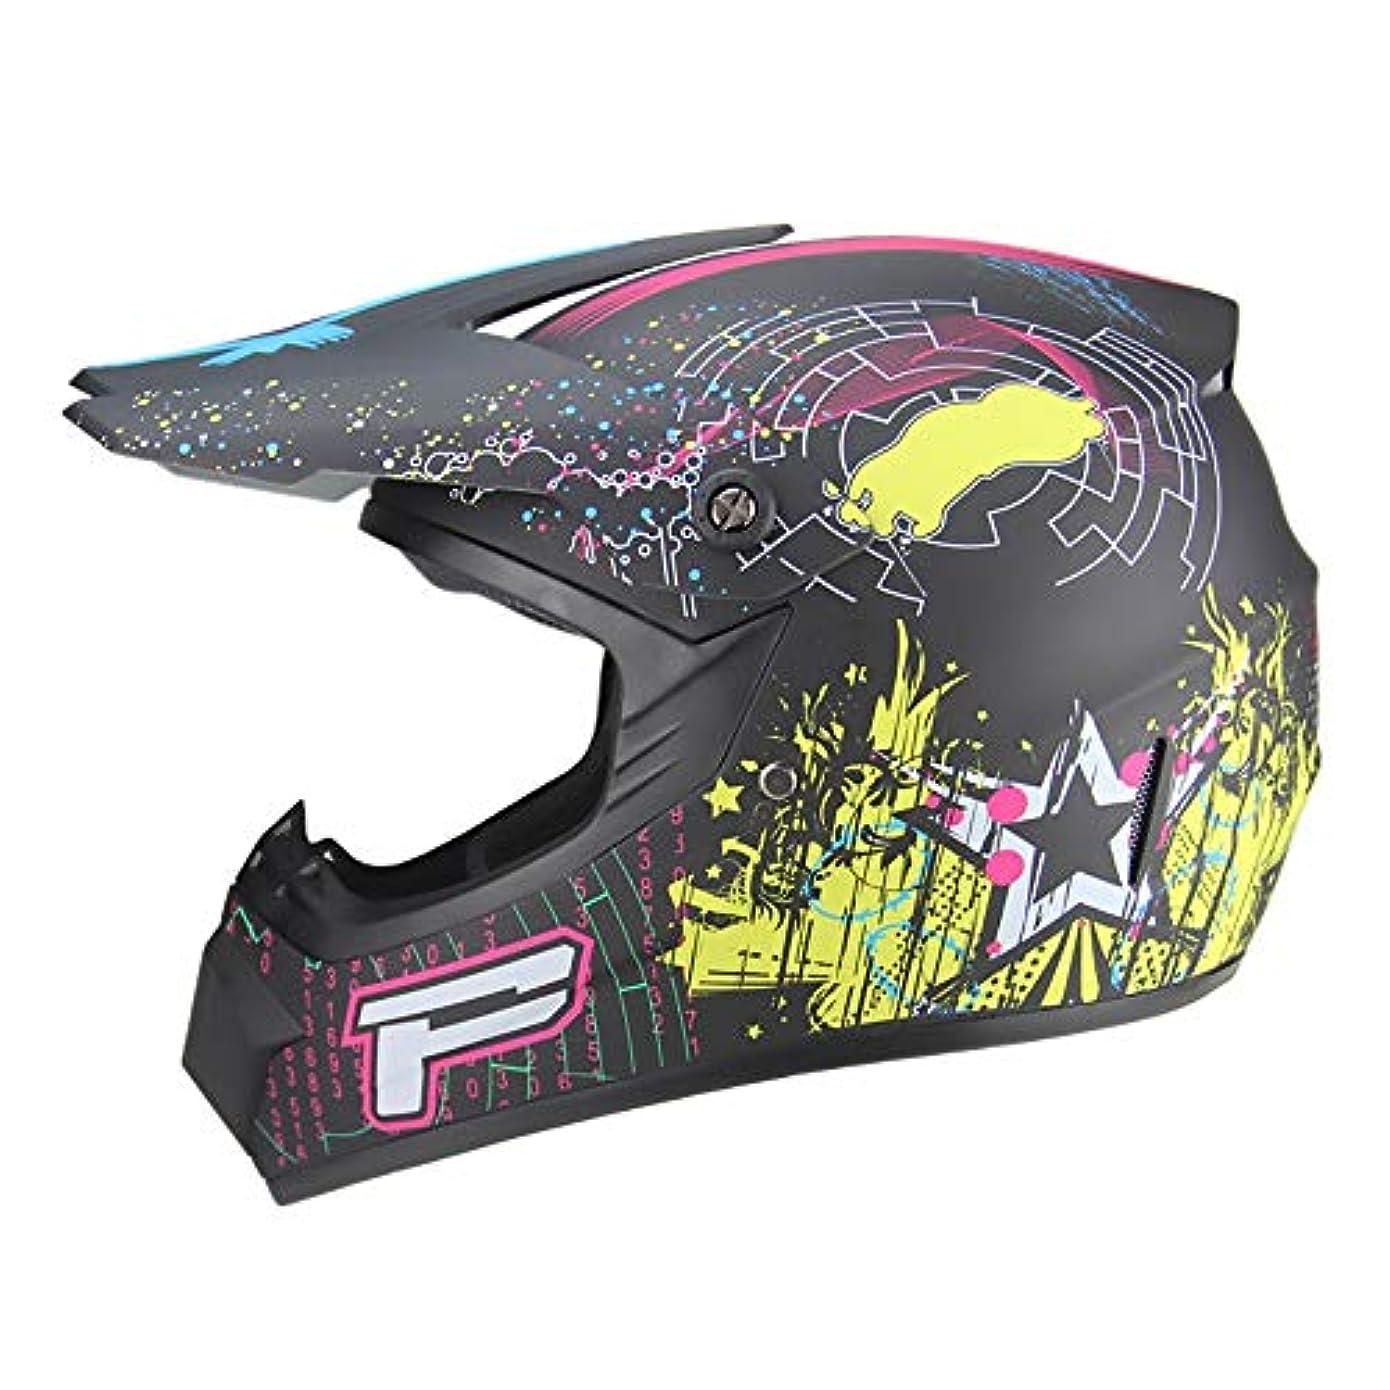 荷物言語通り抜けるHYH 四季ユニバーサルオートバイヘルメットマウンテンバイクフルヘルメット人格ヘルメットスポーツ屋外安全装置 いい人生 (Size : S)